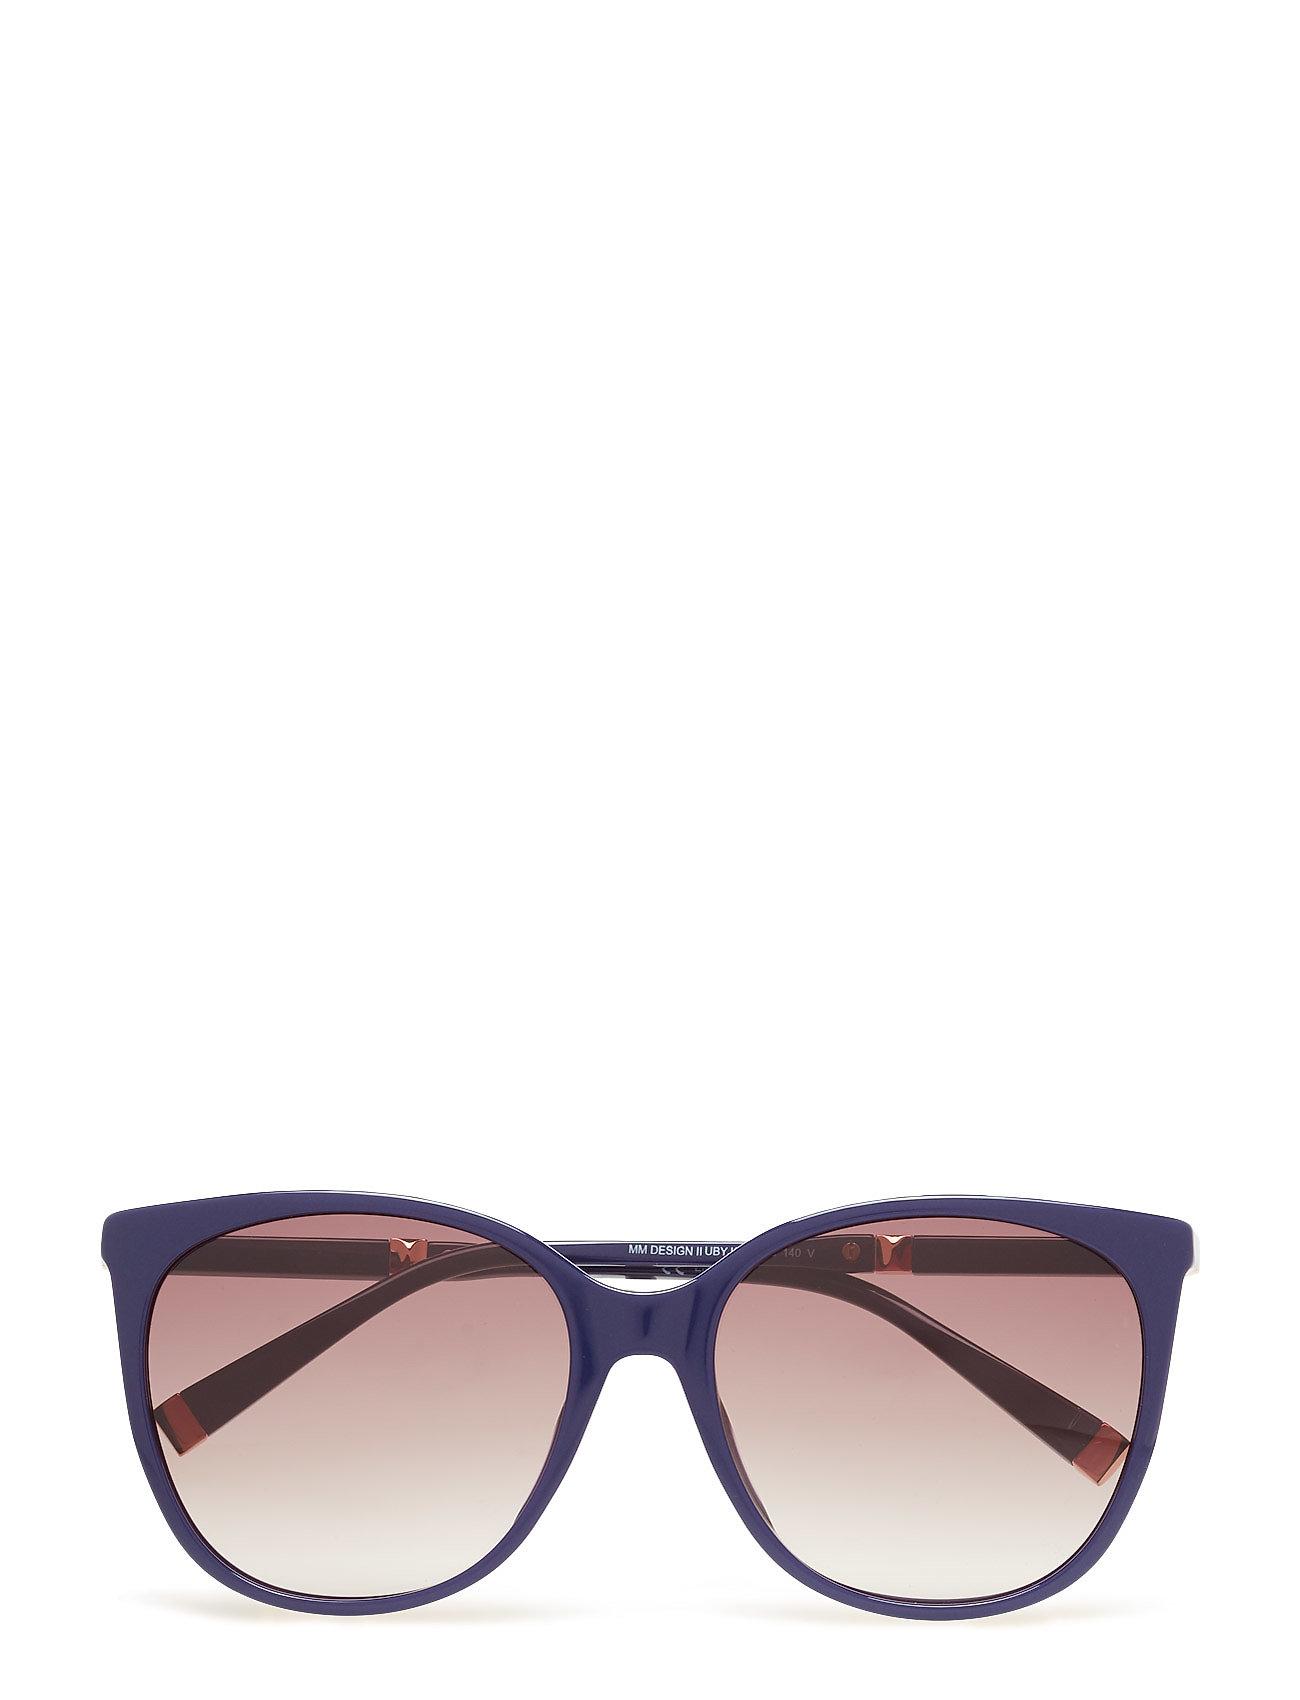 Mm Design Ii MAXMARA Sunglasses Solbriller til Damer i